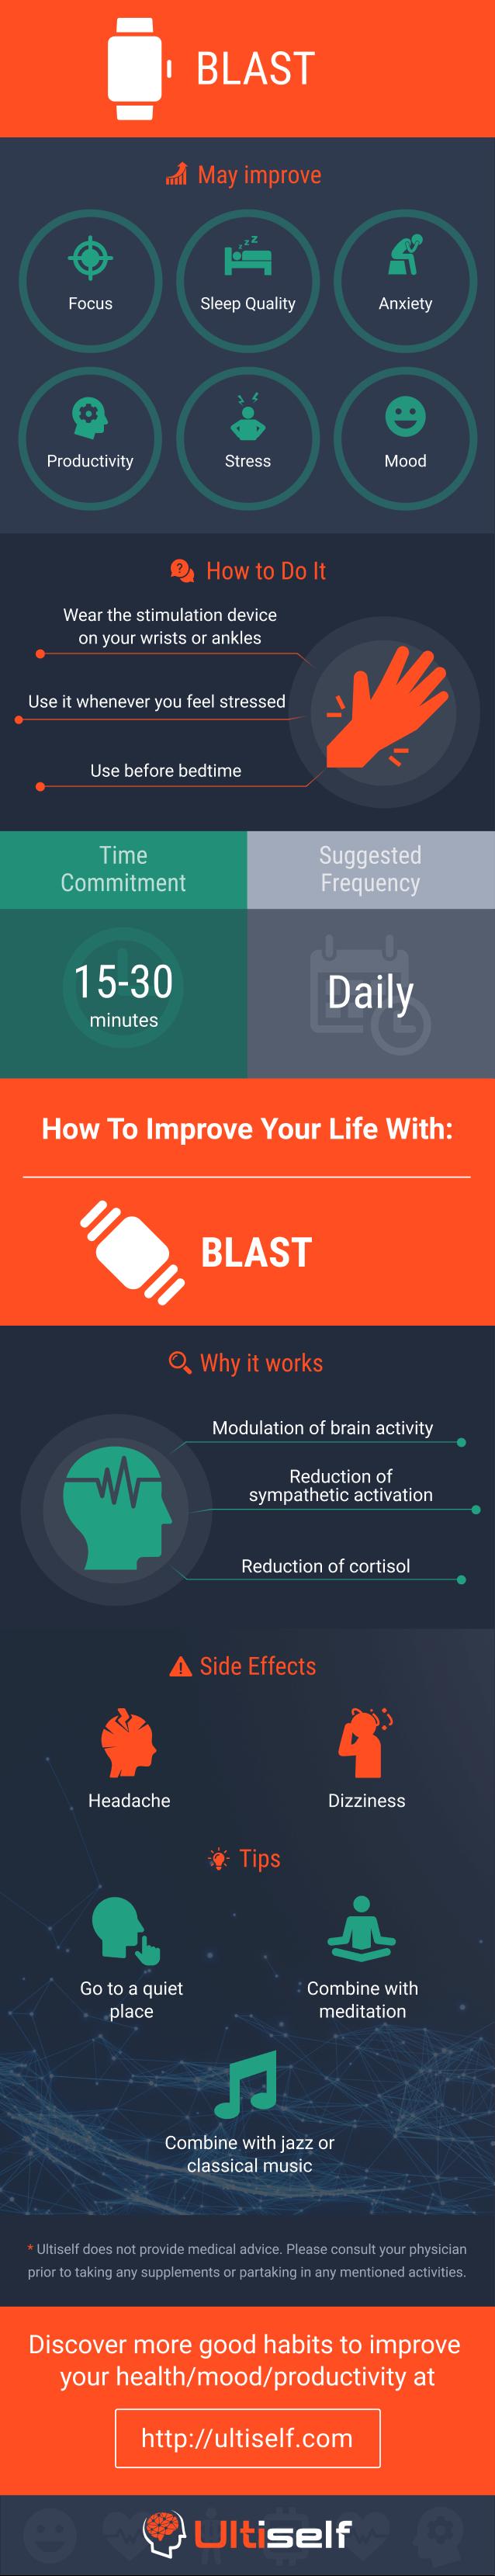 BLAST infographic